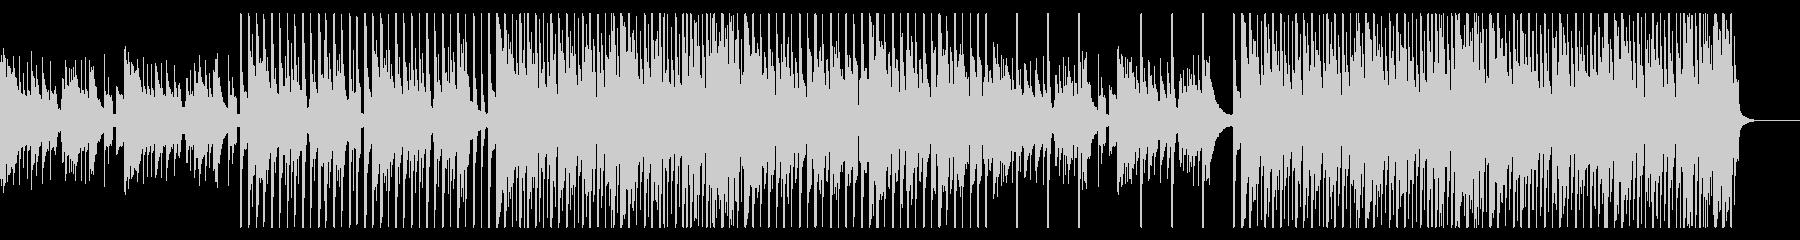 夏/トロピカル/海/BGM/EDMの未再生の波形